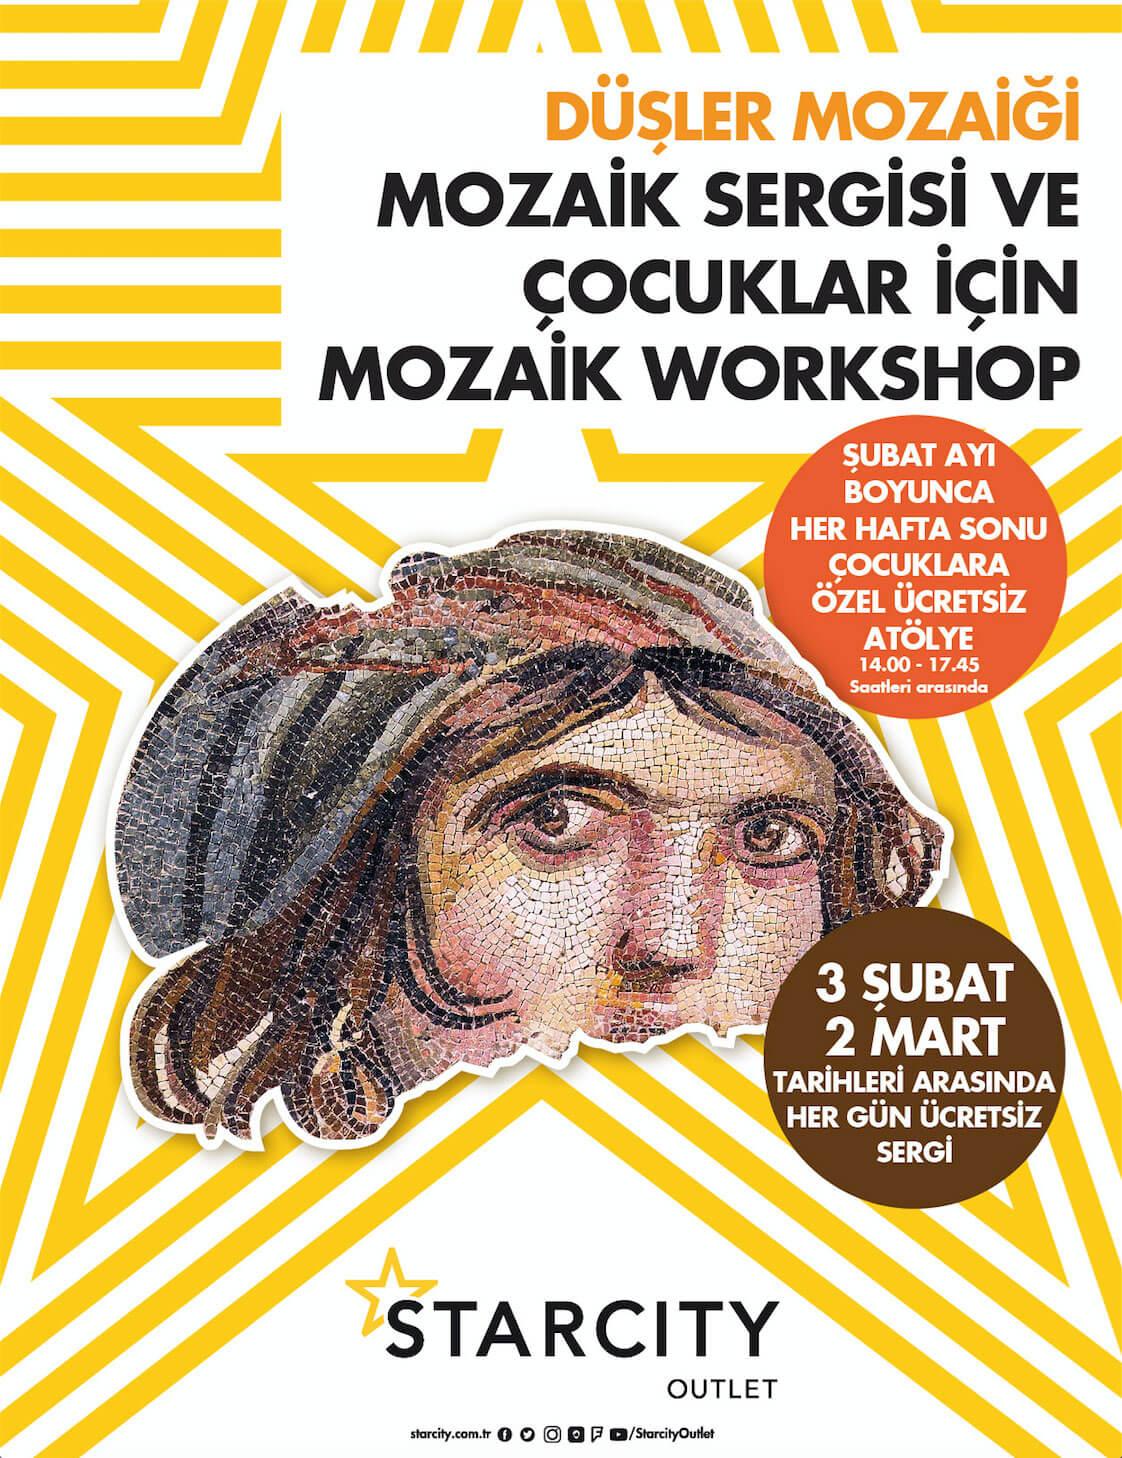 Düşler Mozaiği ve Çocuklar İçin Mozaik Workshop Starcity'de